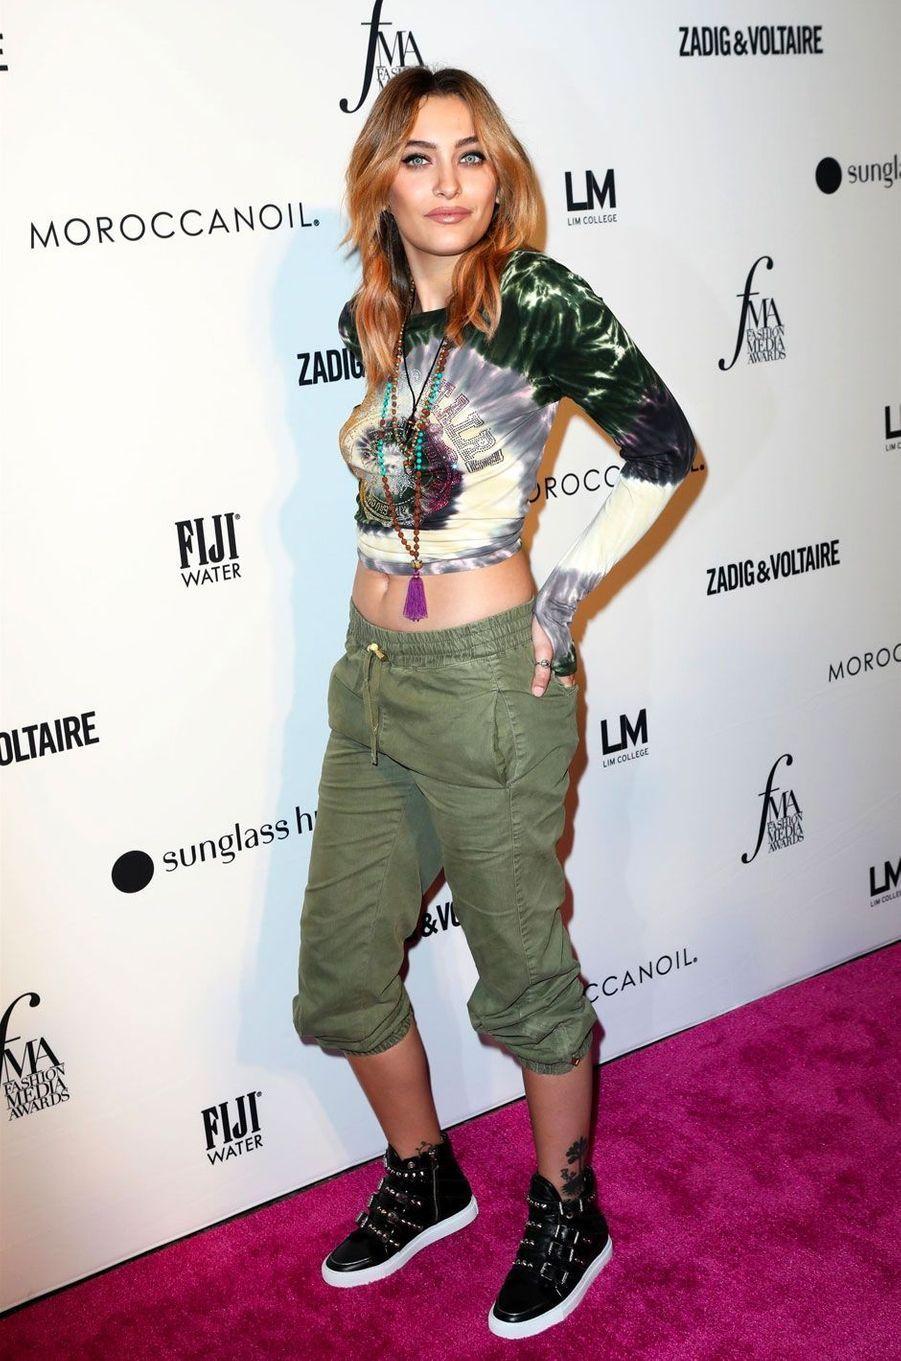 Paris Jackson à la soirée des Daily Front Row's Fashion Media Awards à New York, le 6 septembre 2018